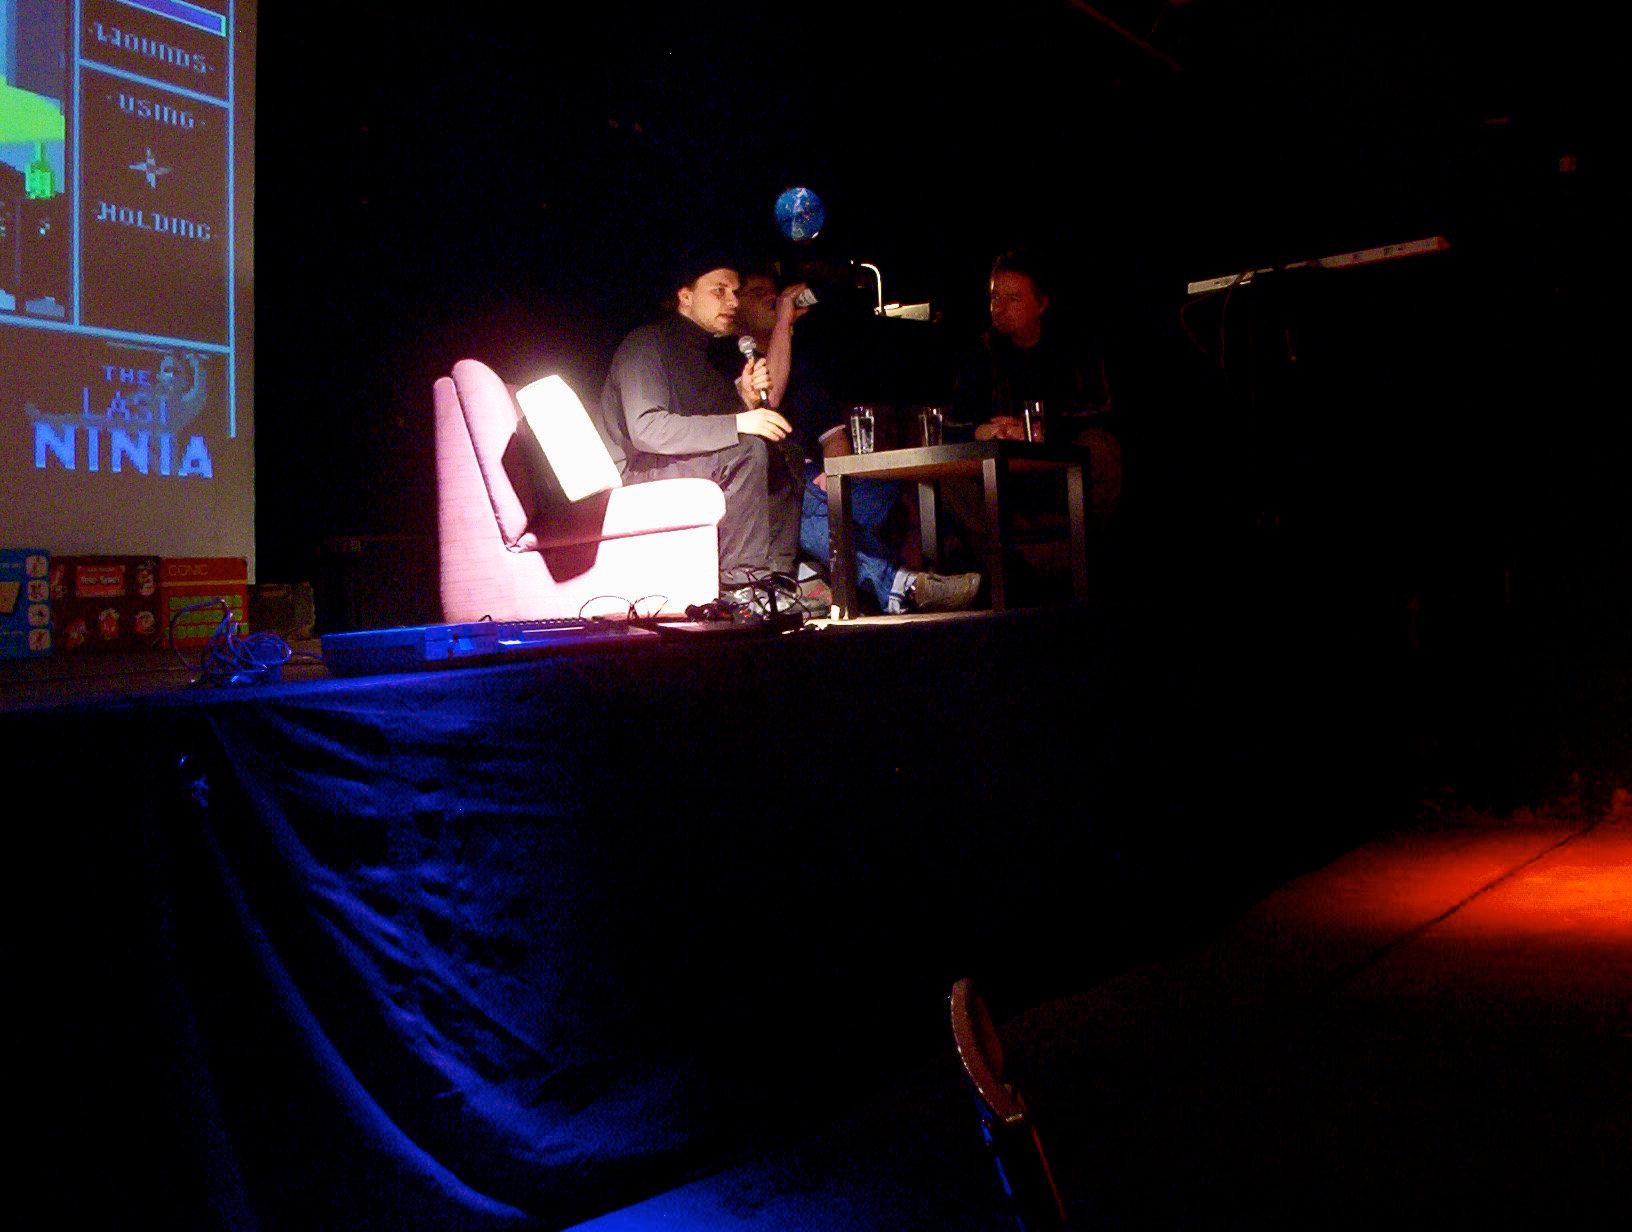 Reinhard Klinksiek auf der Bühne bei der Veranstaltung Telespielomat 2004. (Bild: André Eymann)